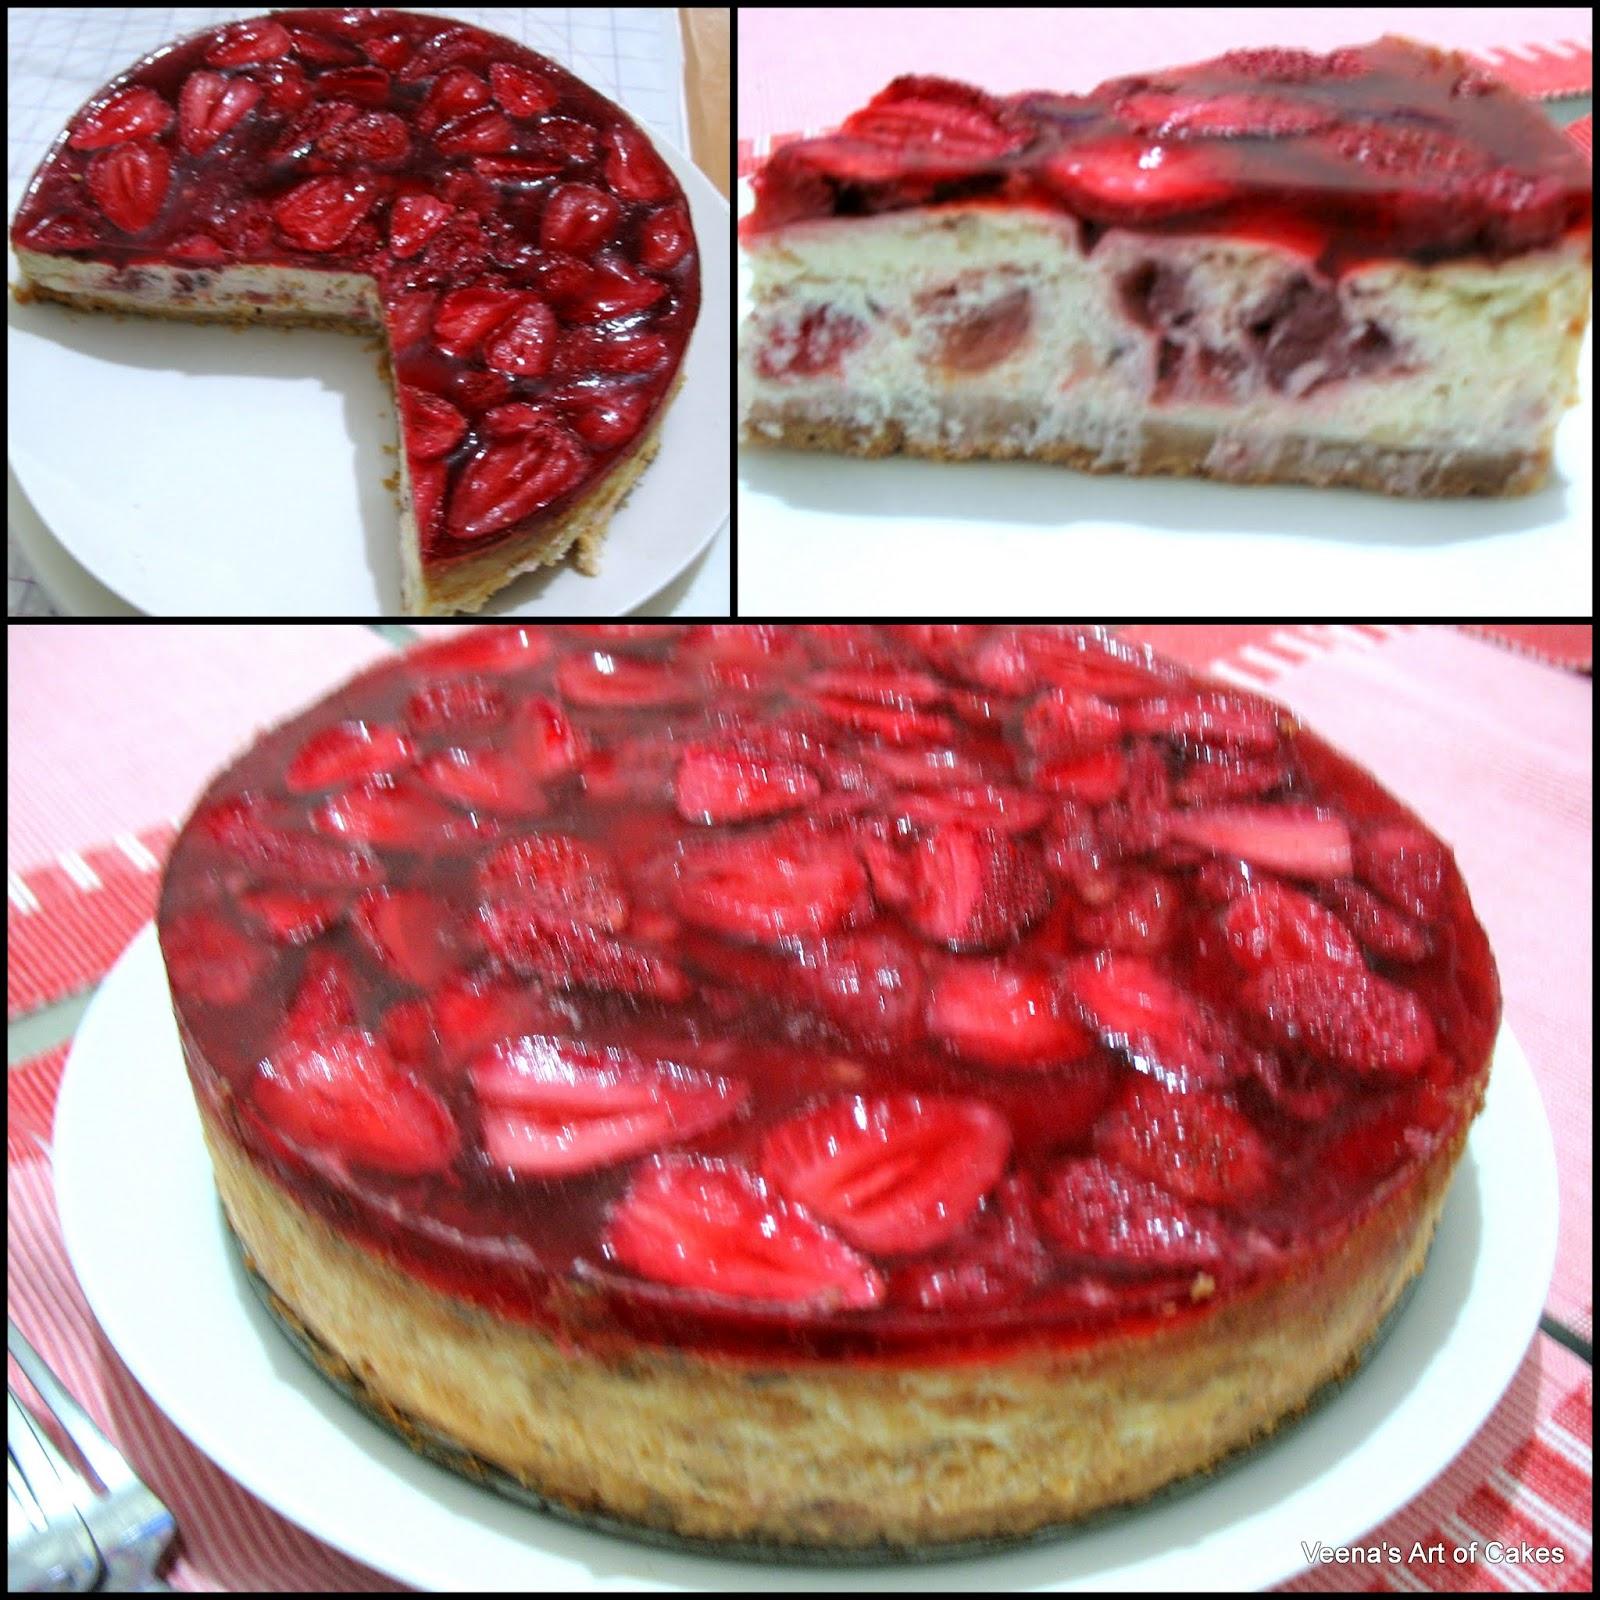 Strawberry Cheesecake Recipe: Strawberry Cheesecake